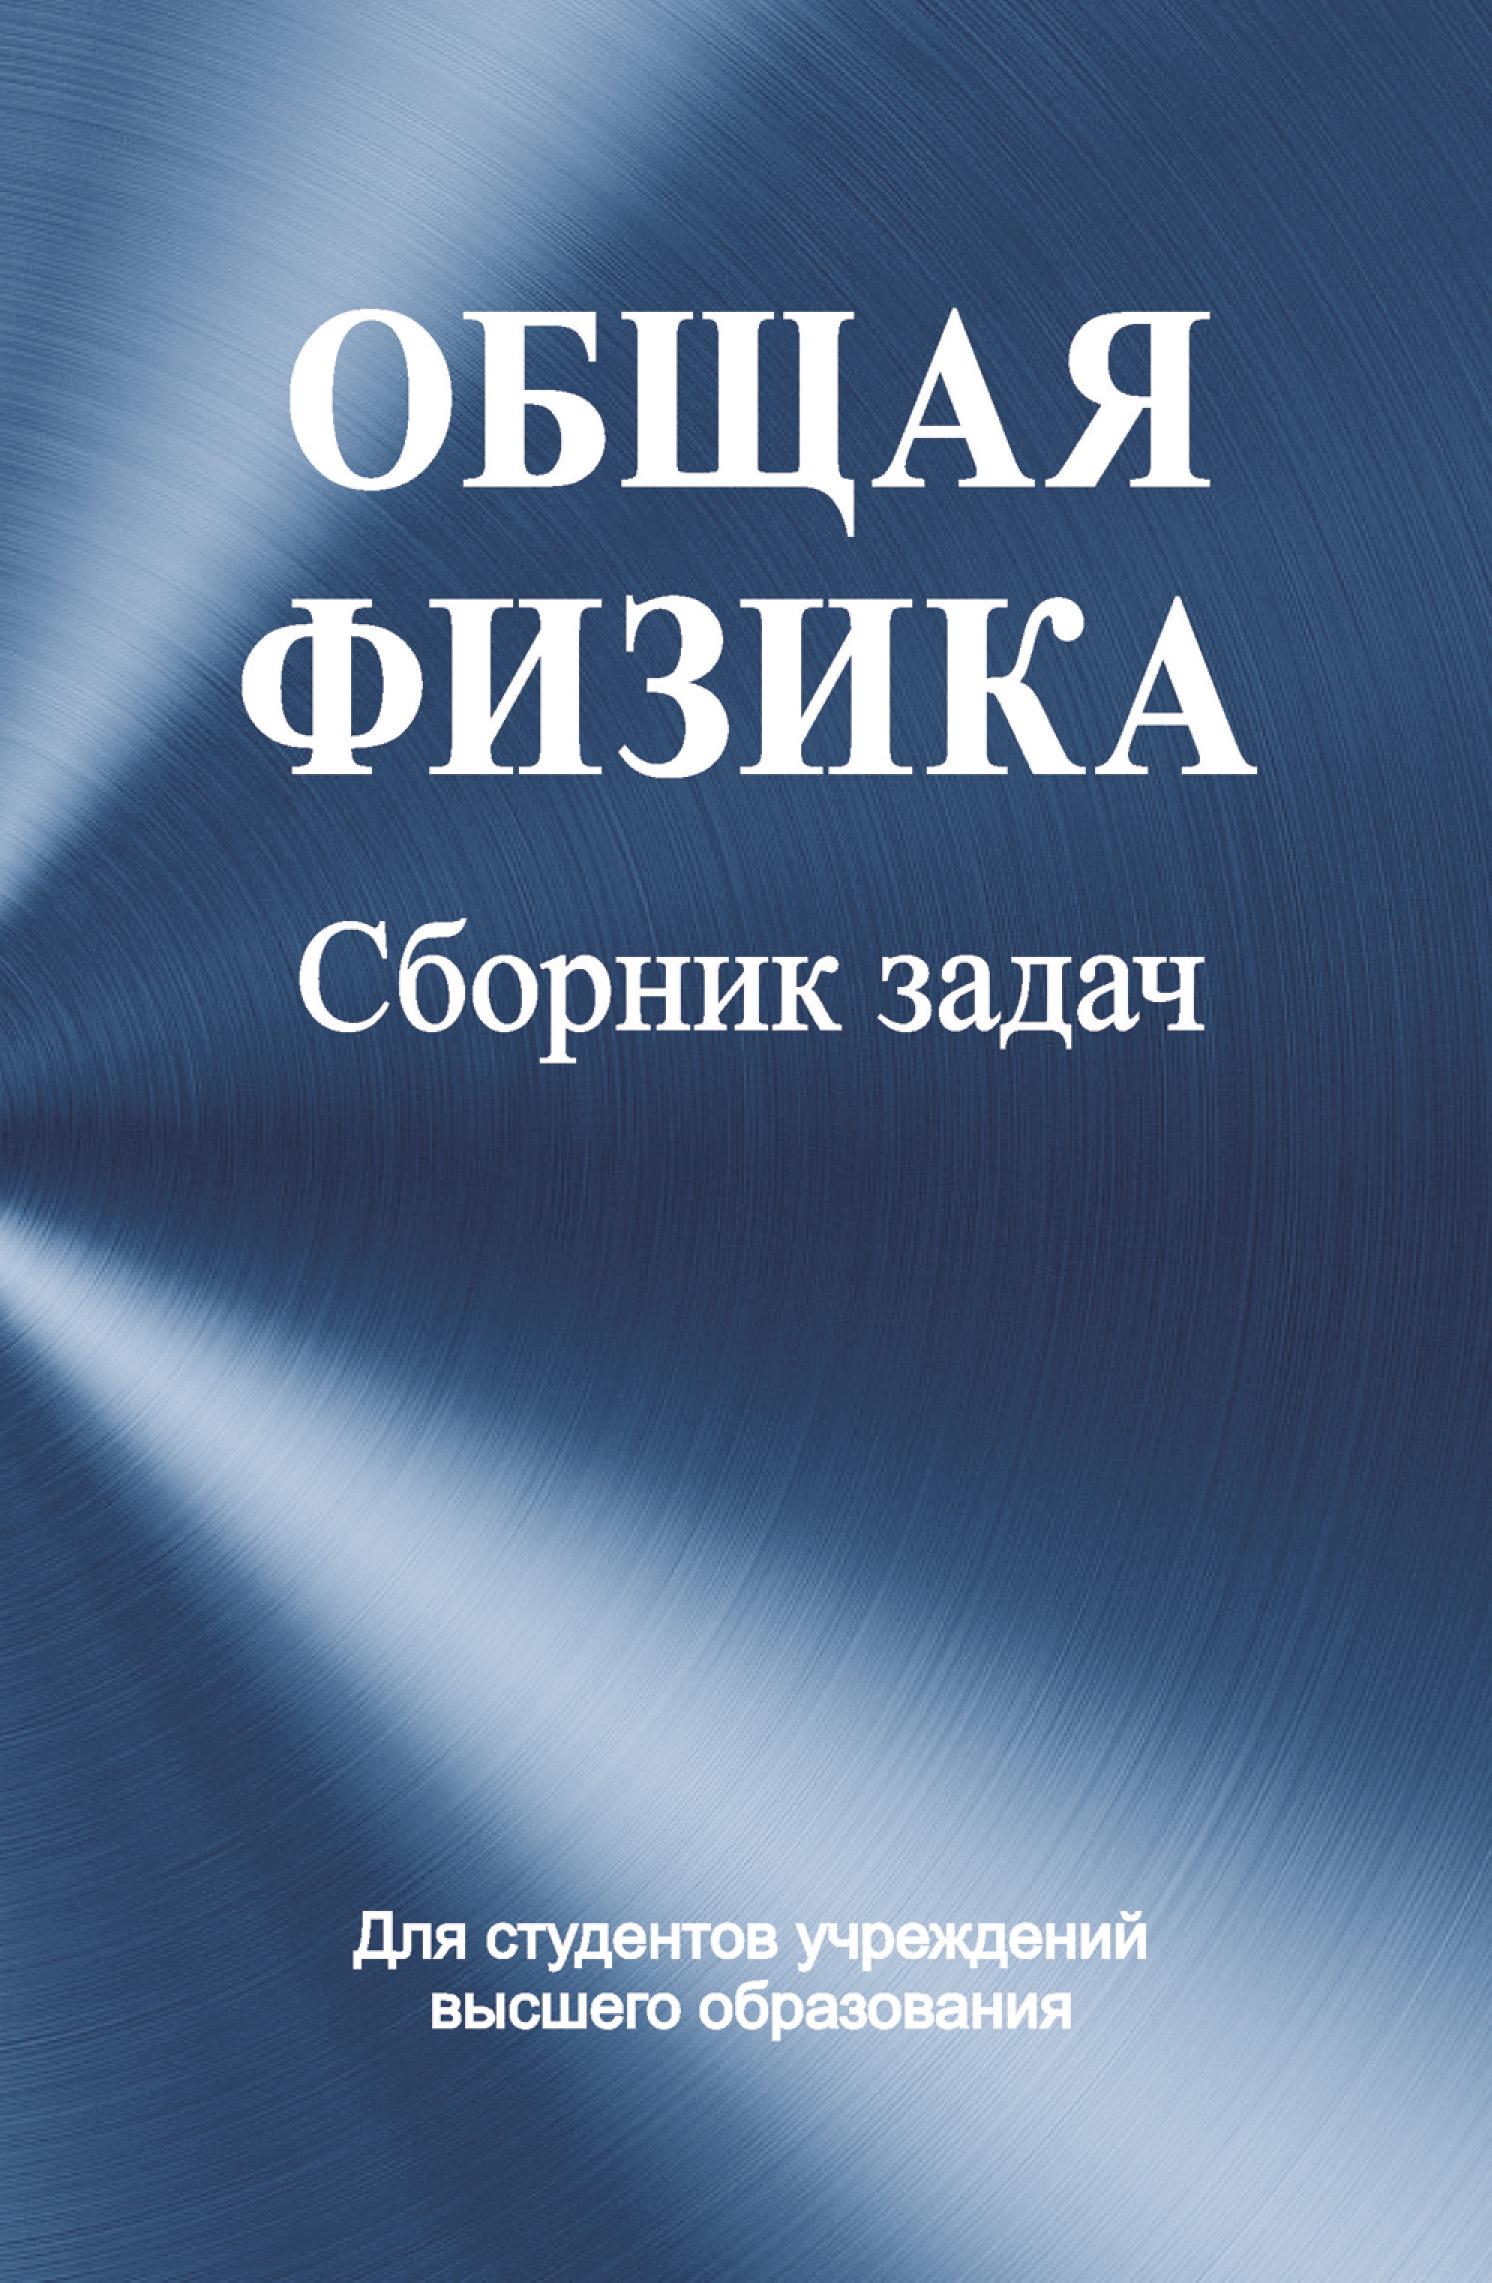 Коллектив авторов Общая физика. Сборник задач